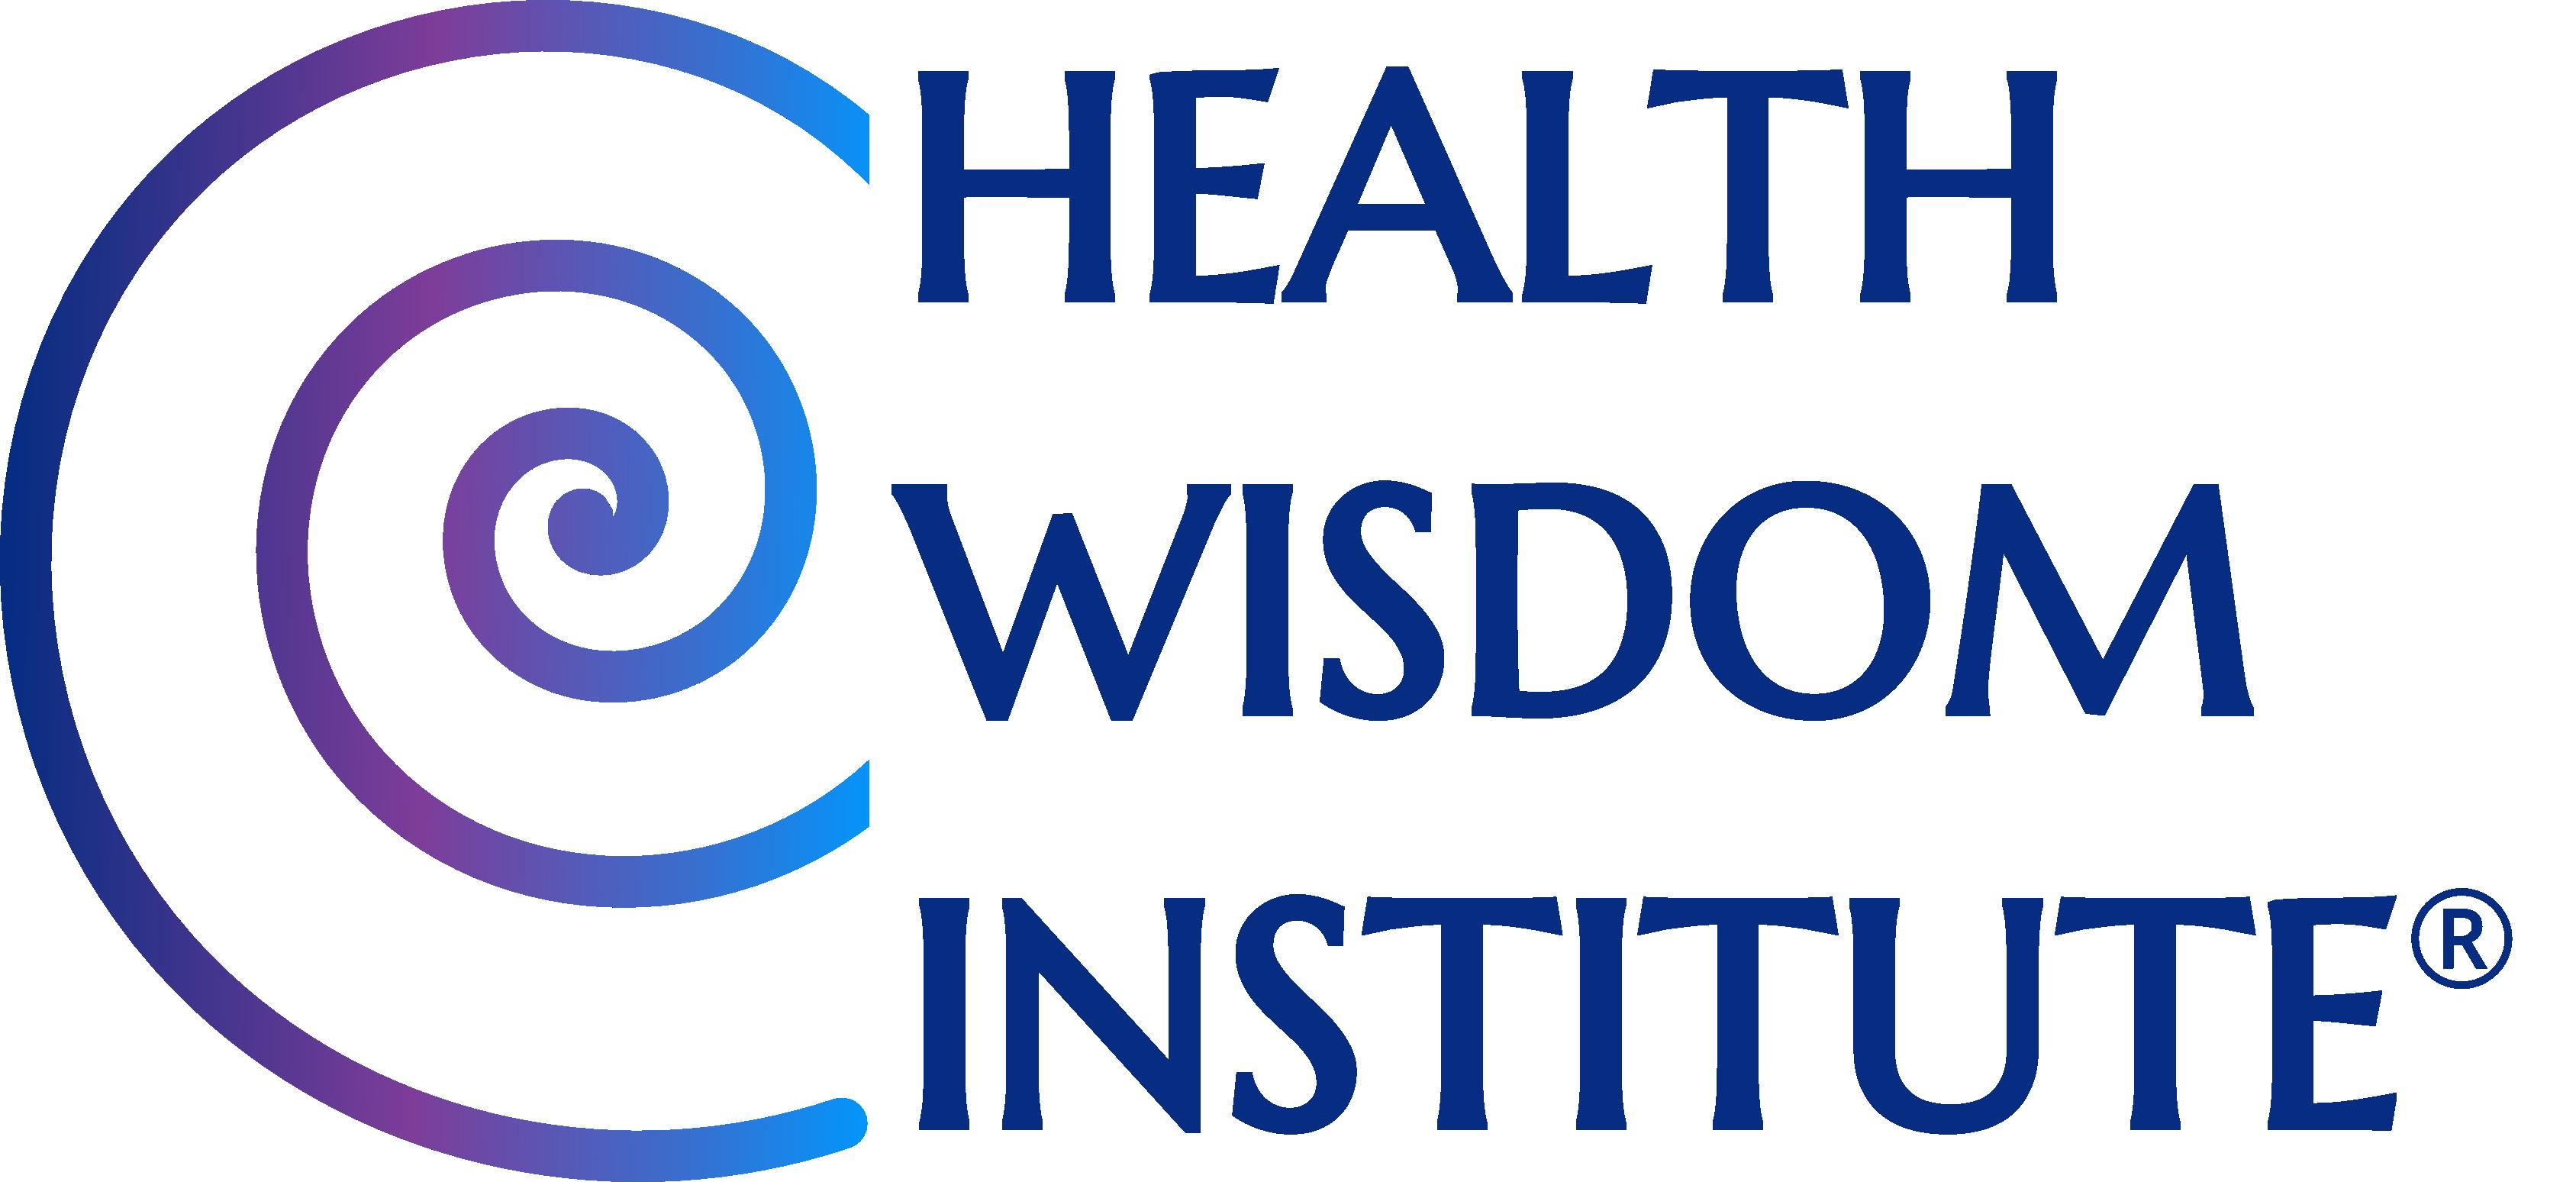 HEALTH WISDOM INSTITUTE